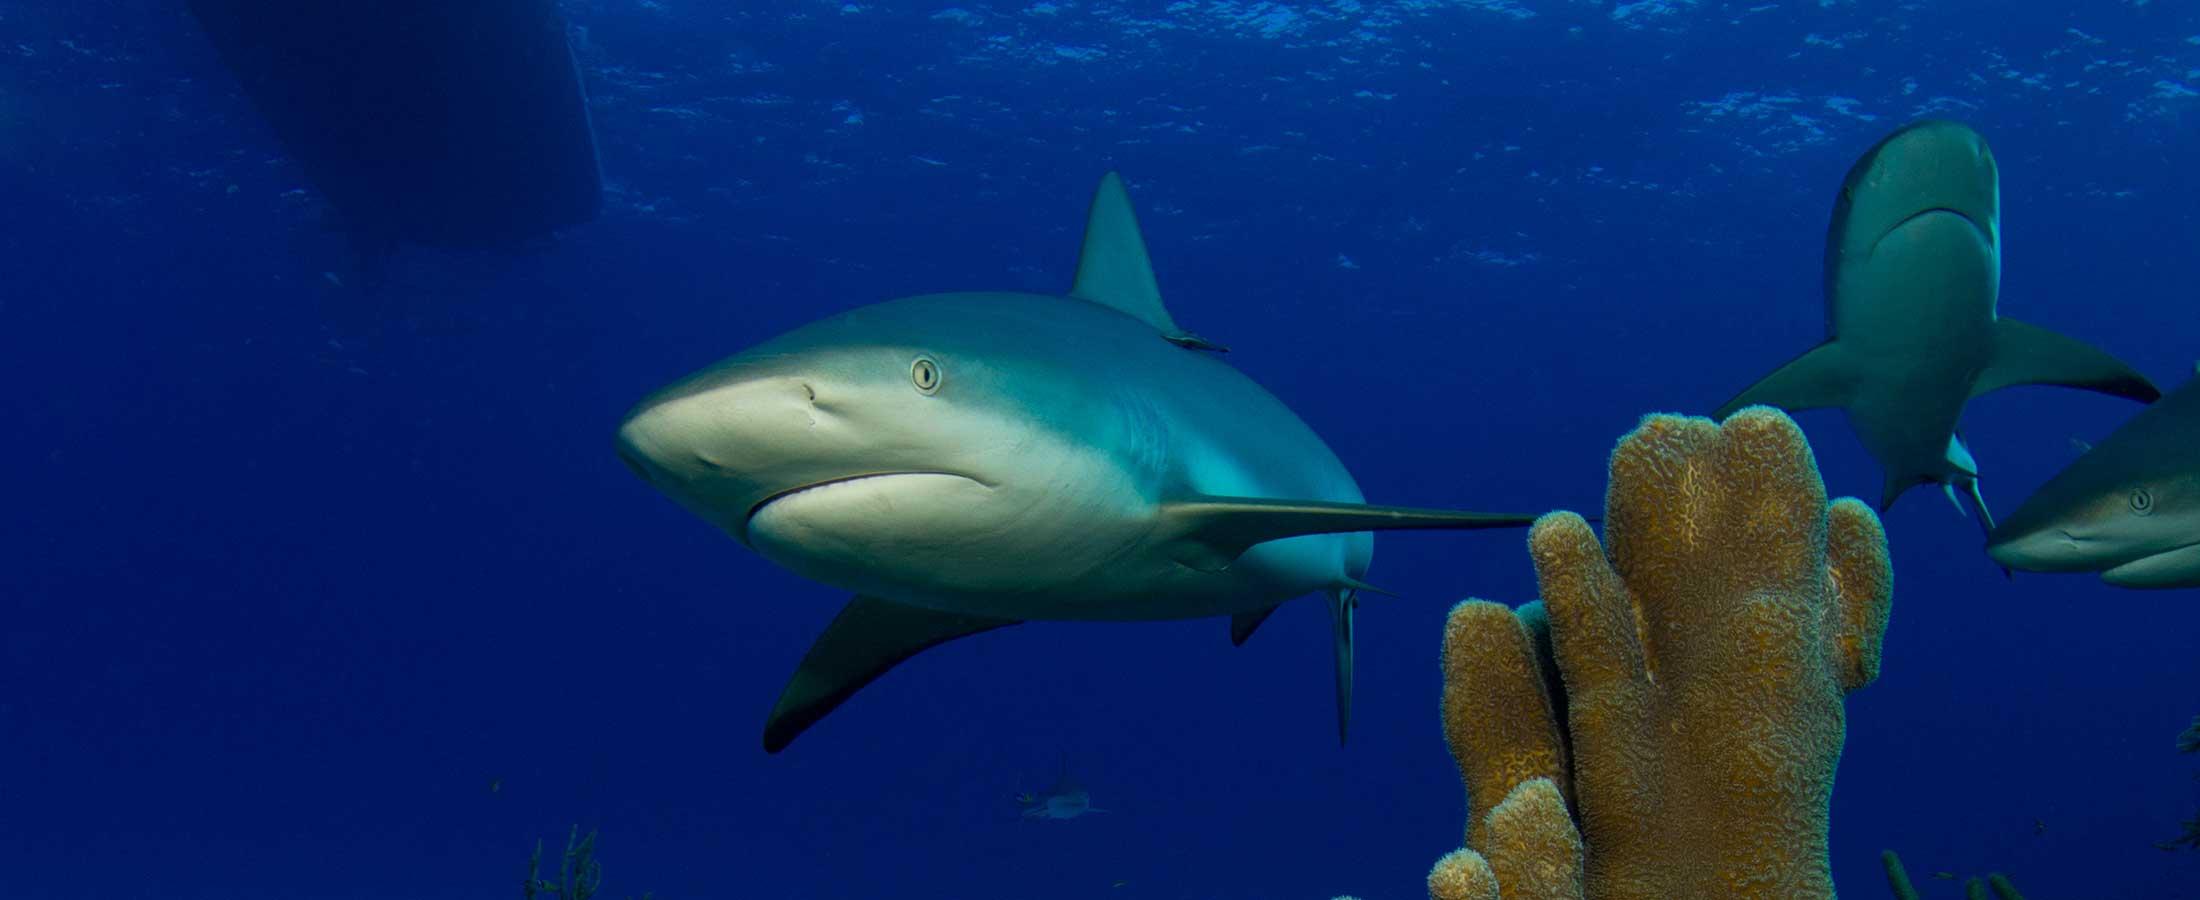 san salvador dive sites, diving in san salvador bahamas